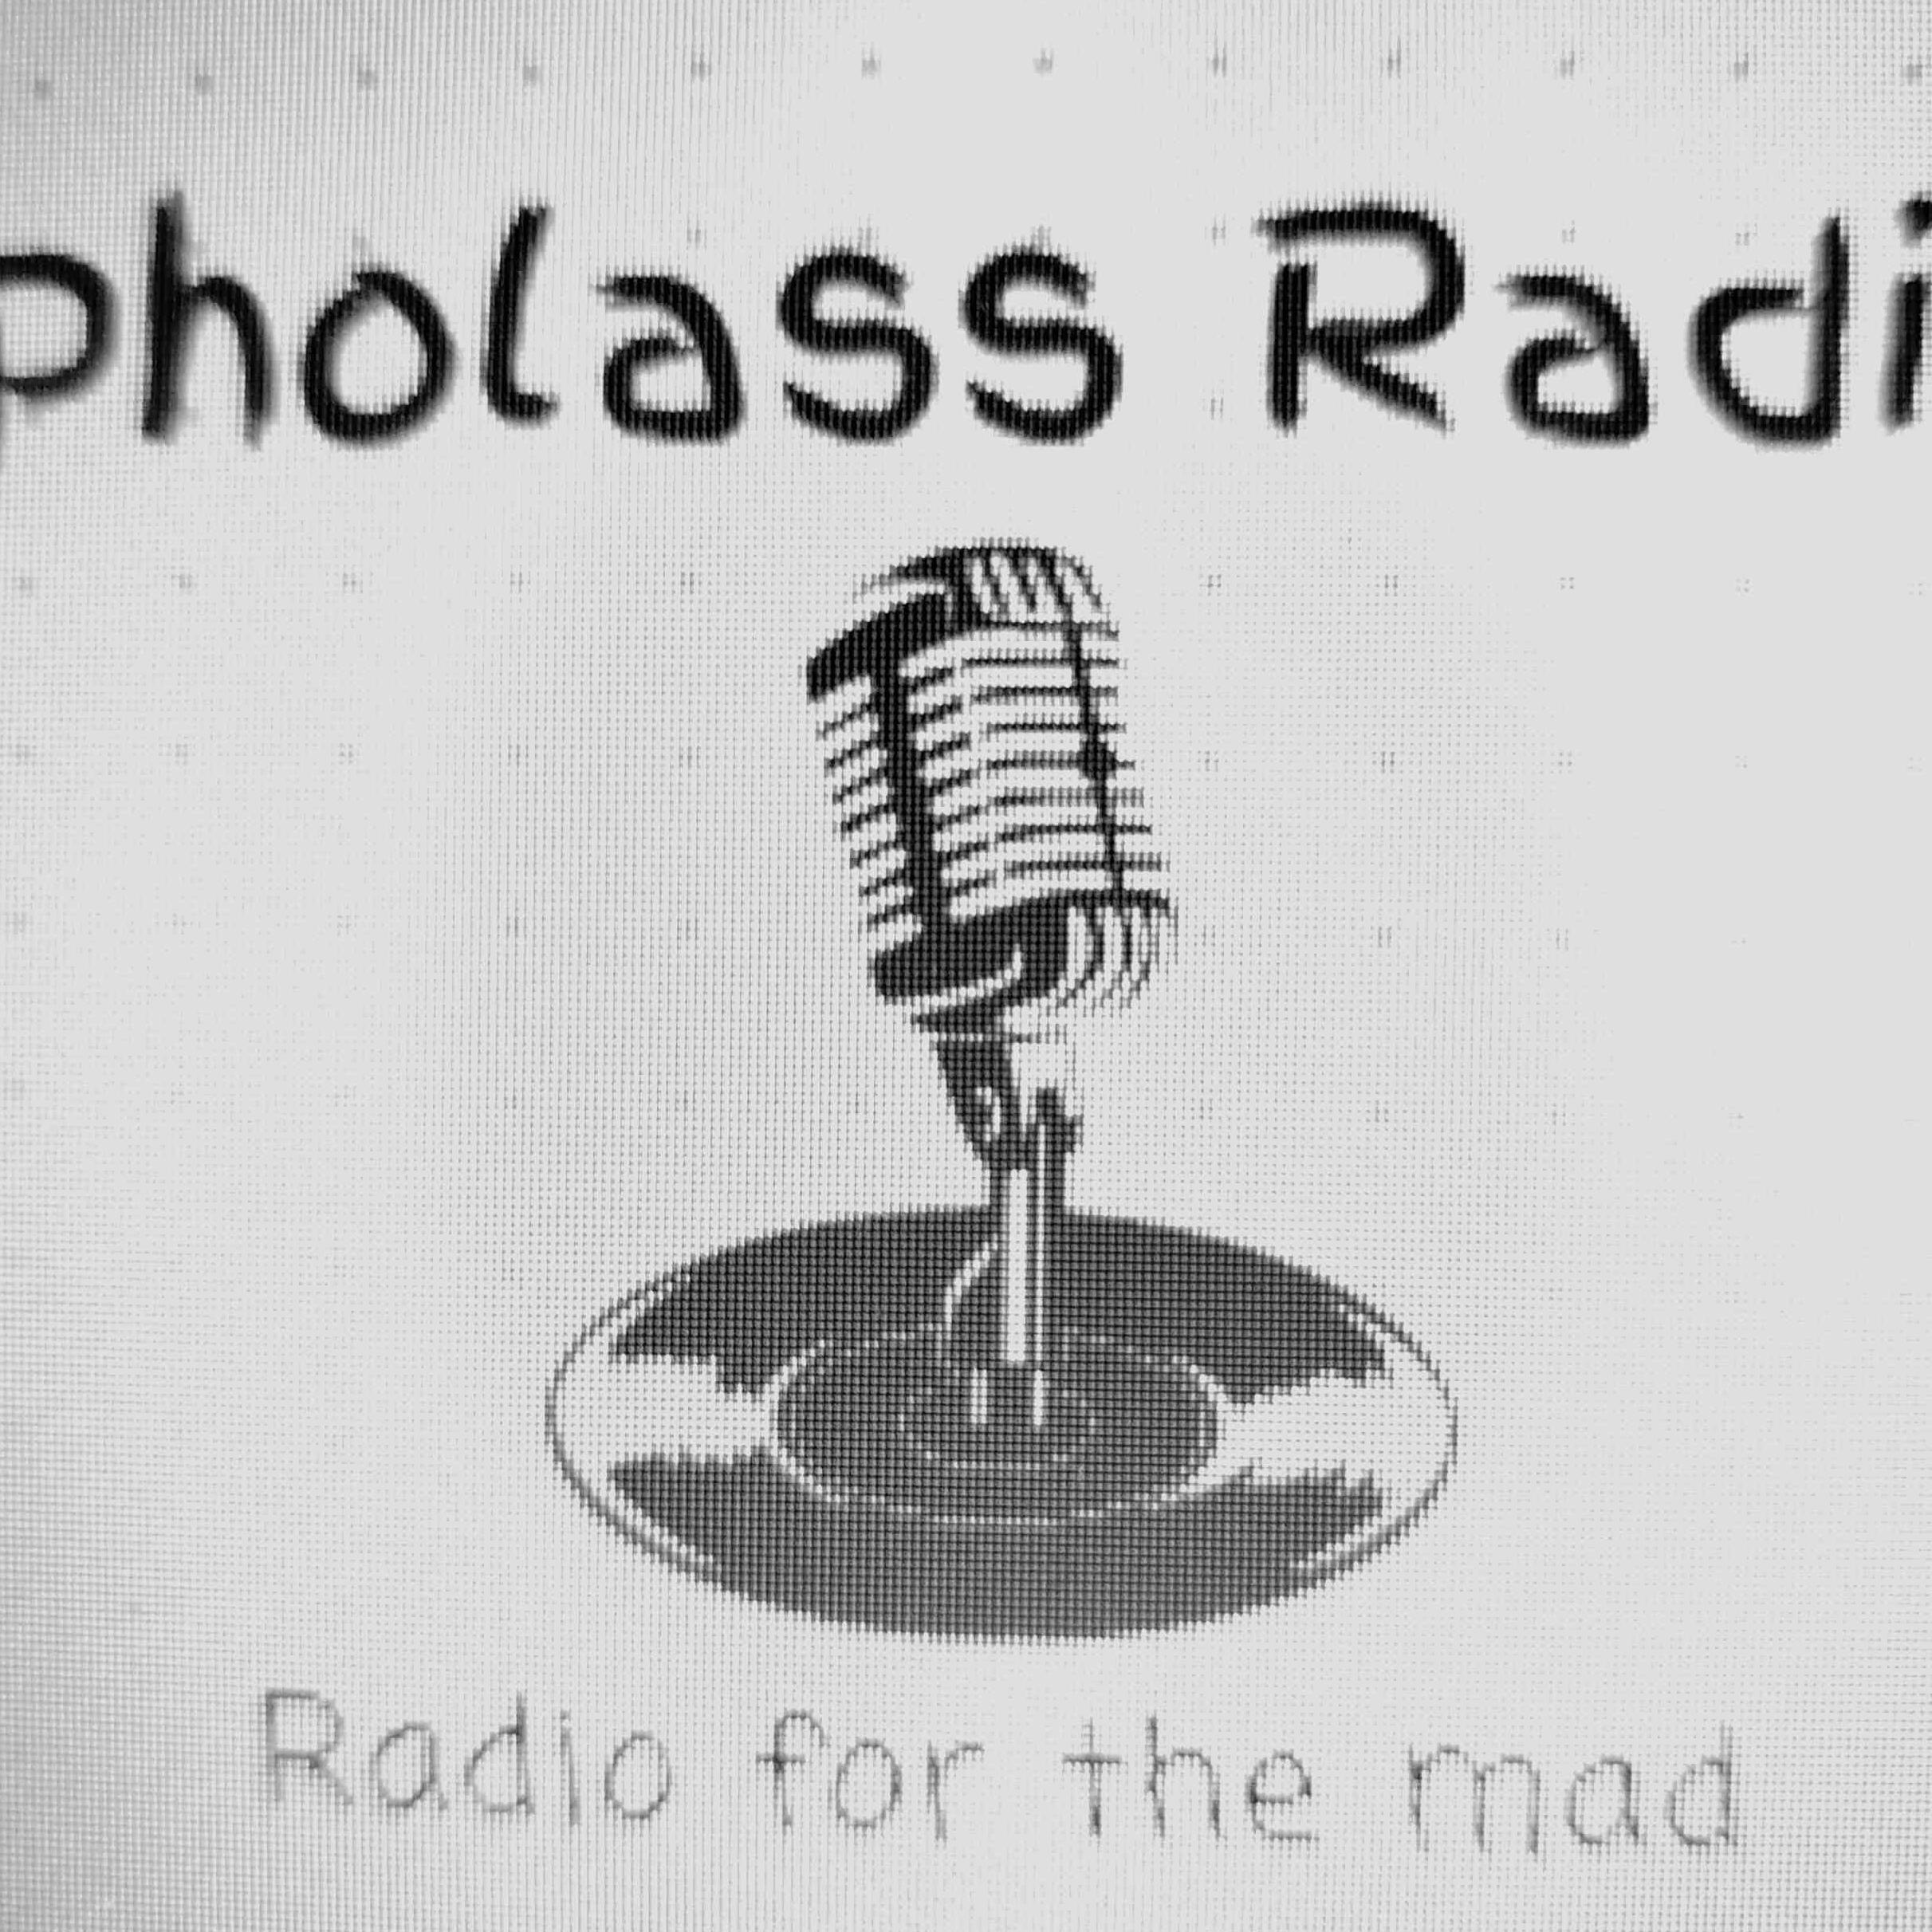 Radio Pholass